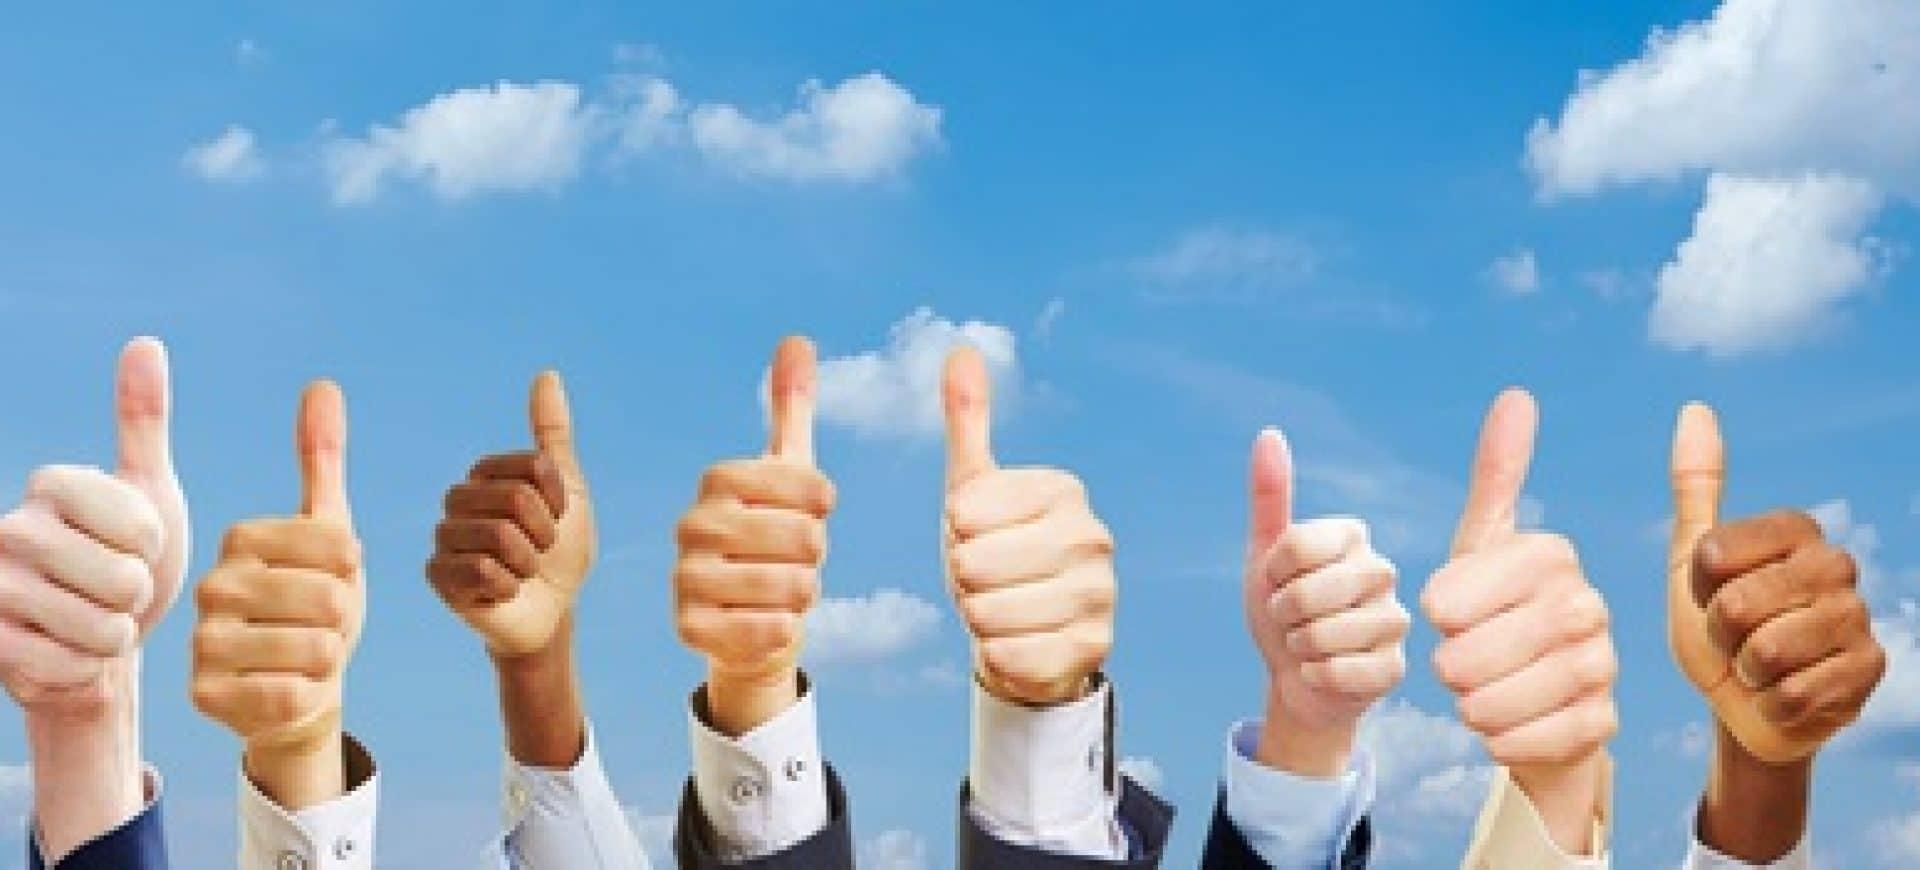 deutliche verbesserungen bei den auergewhnlichen belastungen - Ausergewohnliche Belastungen Beispiele